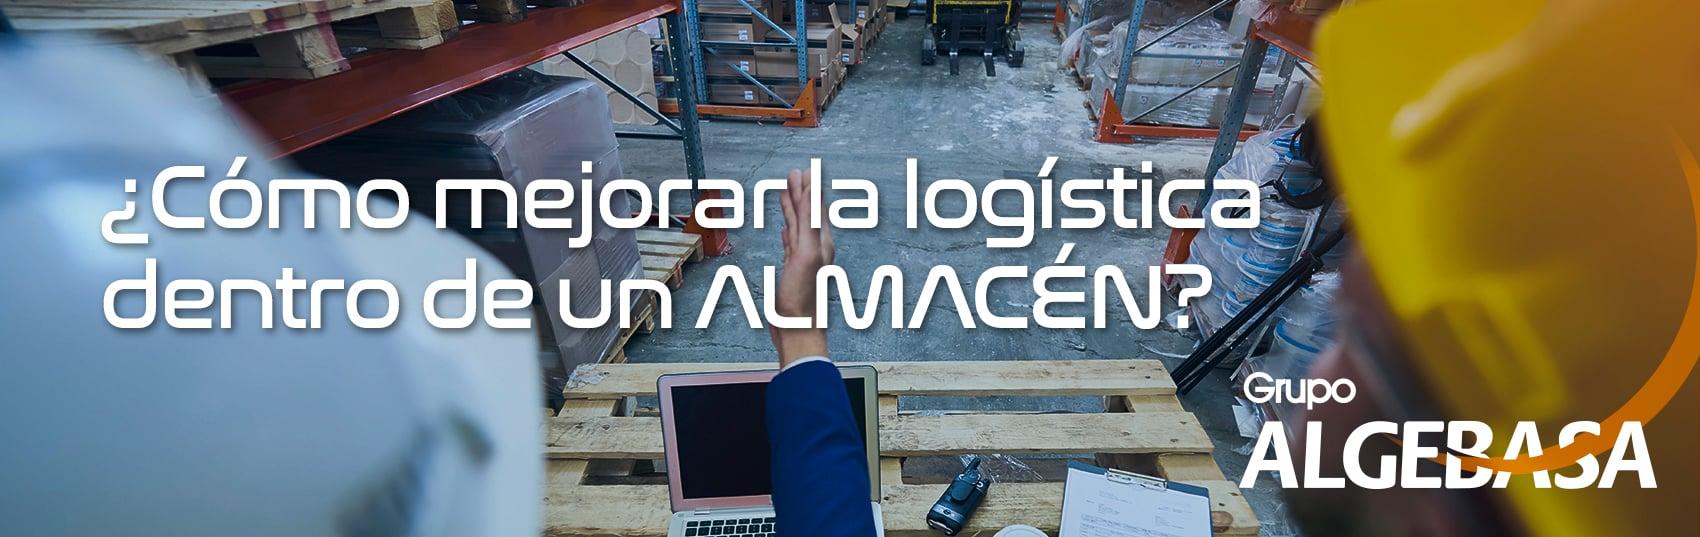 Cómo mejorar la logística dentro de un almacén_banner